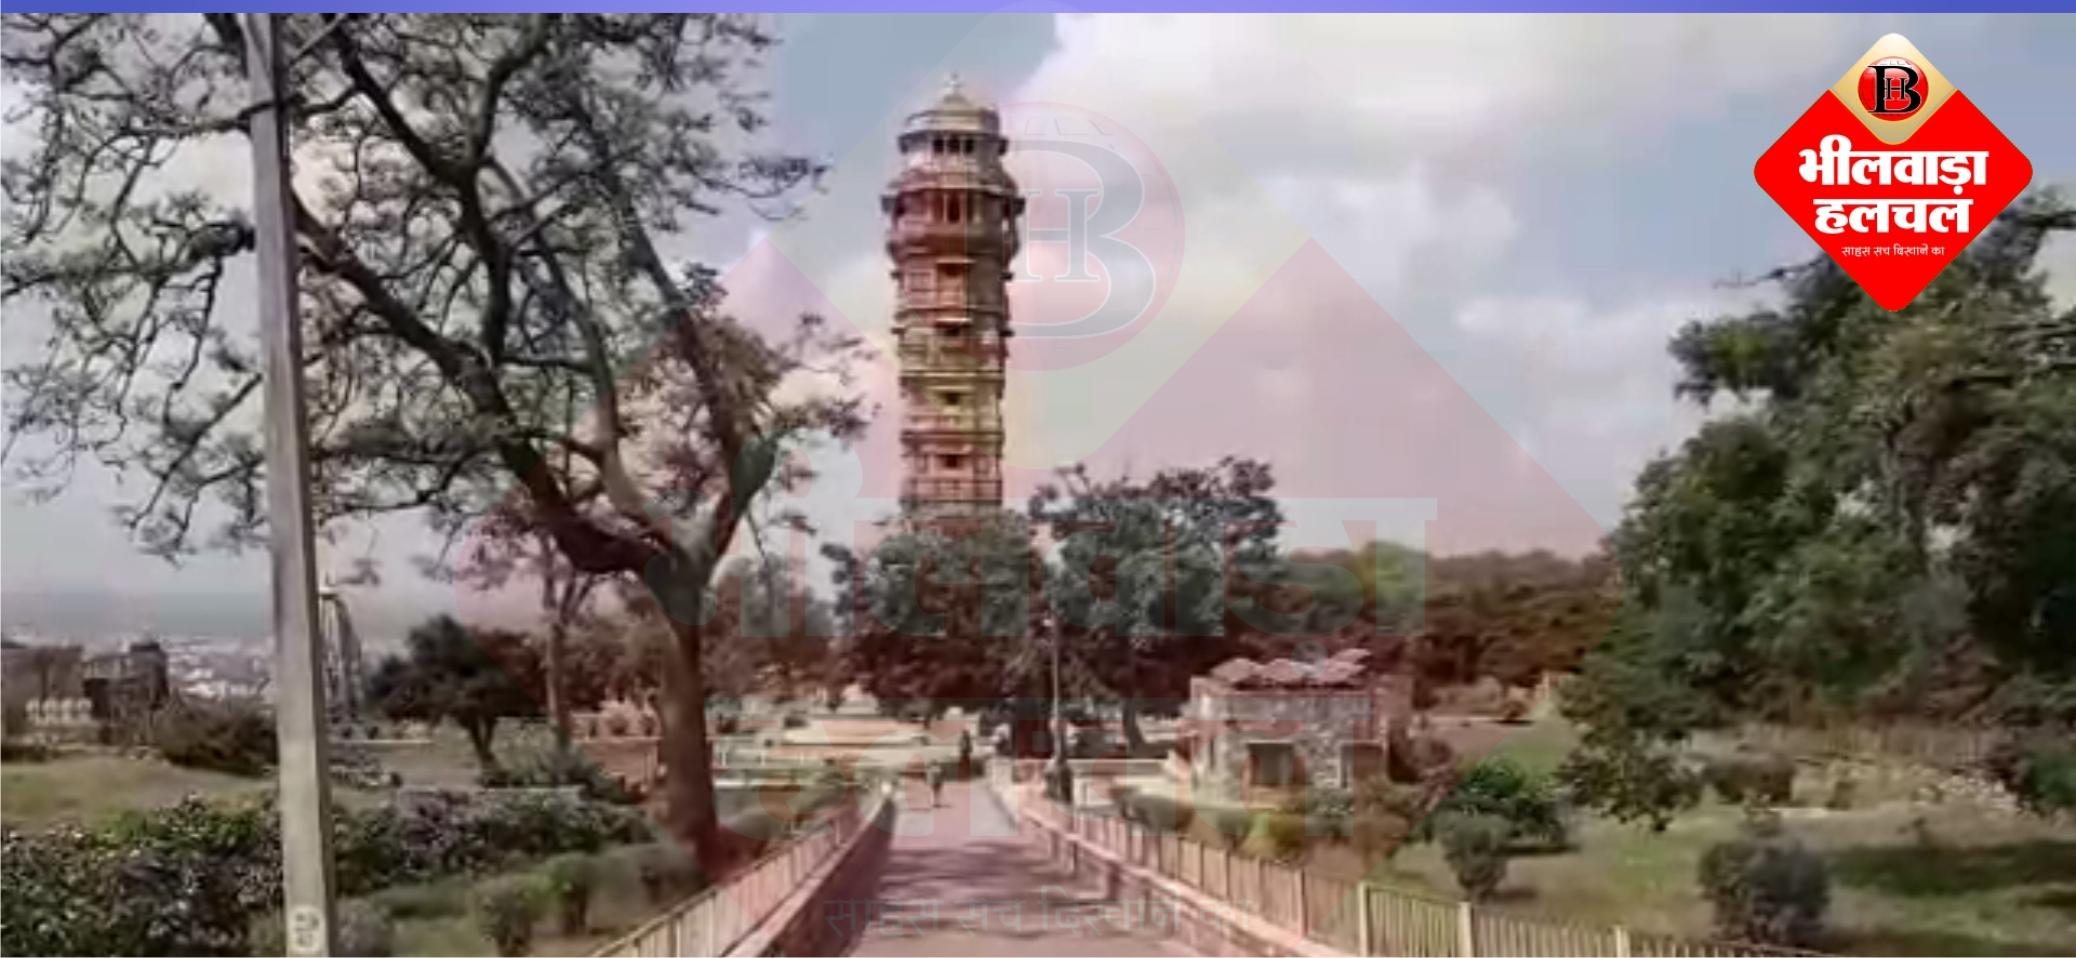 VIDEO चित्तौड़गढ़ में विश्व पर्यटन दिवस मनाया